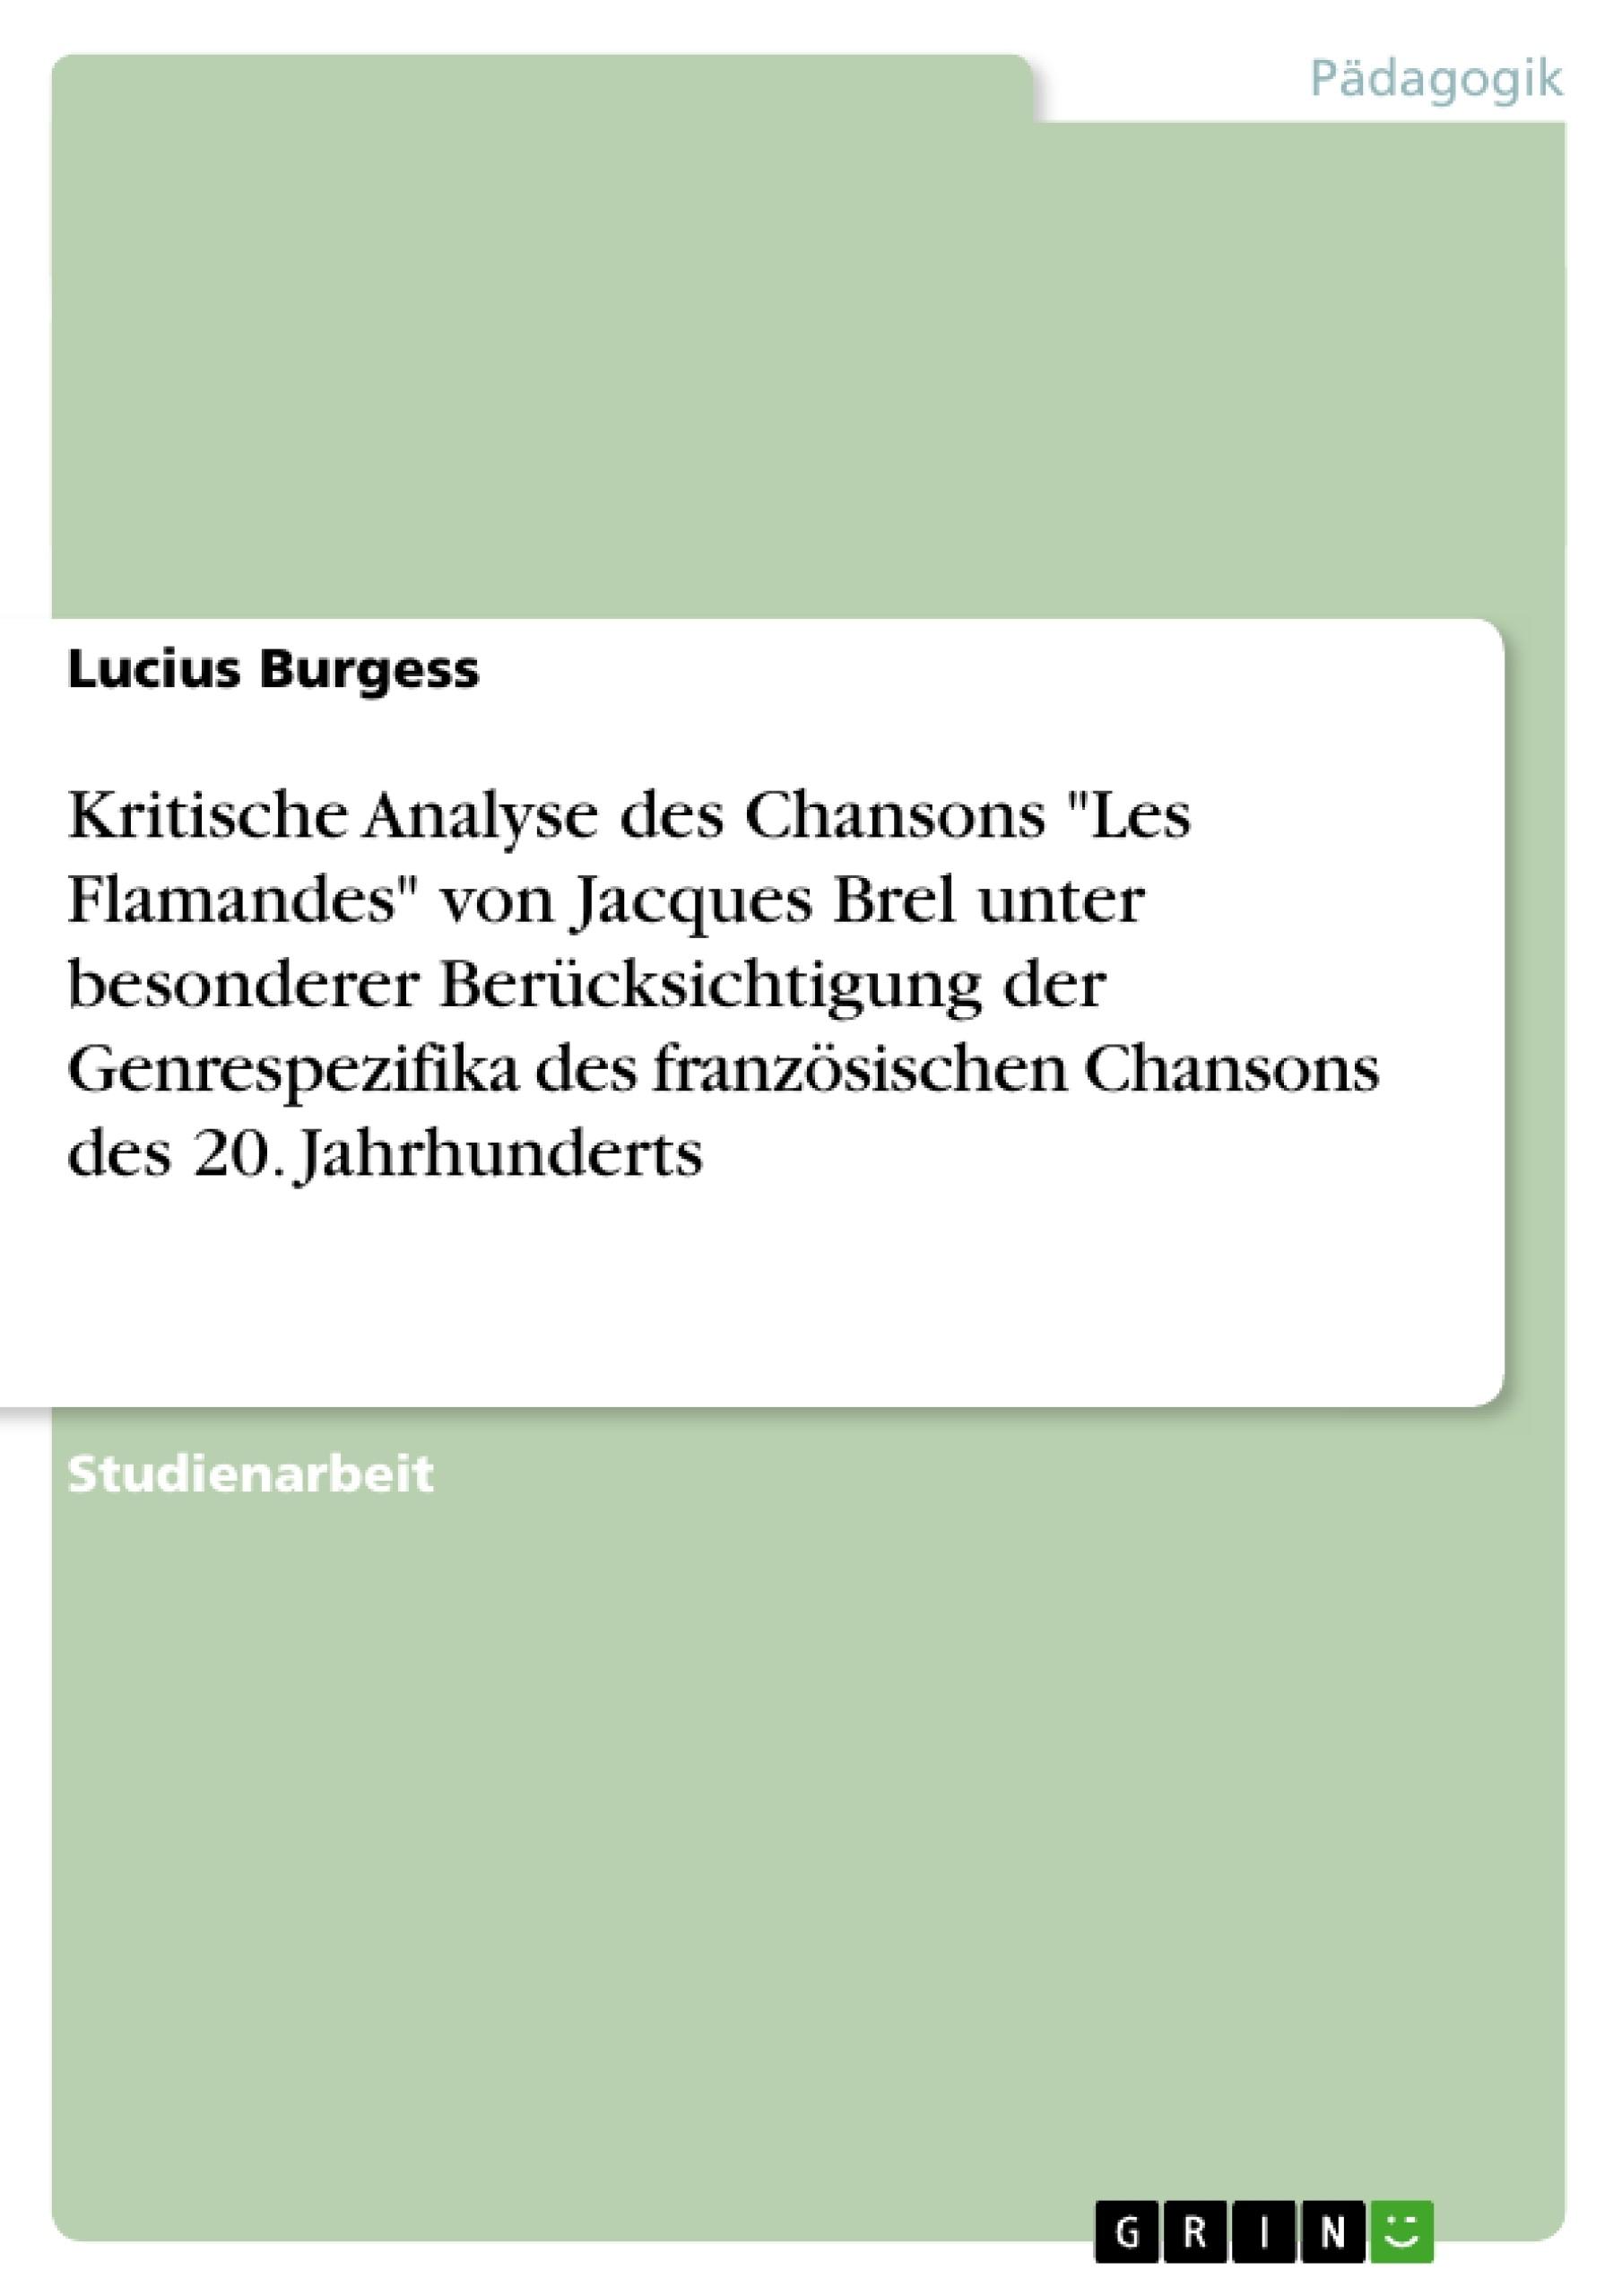 """Titel: Kritische Analyse des Chansons """"Les Flamandes"""" von Jacques Brel unter besonderer Berücksichtigung der Genrespezifika des französischen Chansons des 20. Jahrhunderts"""